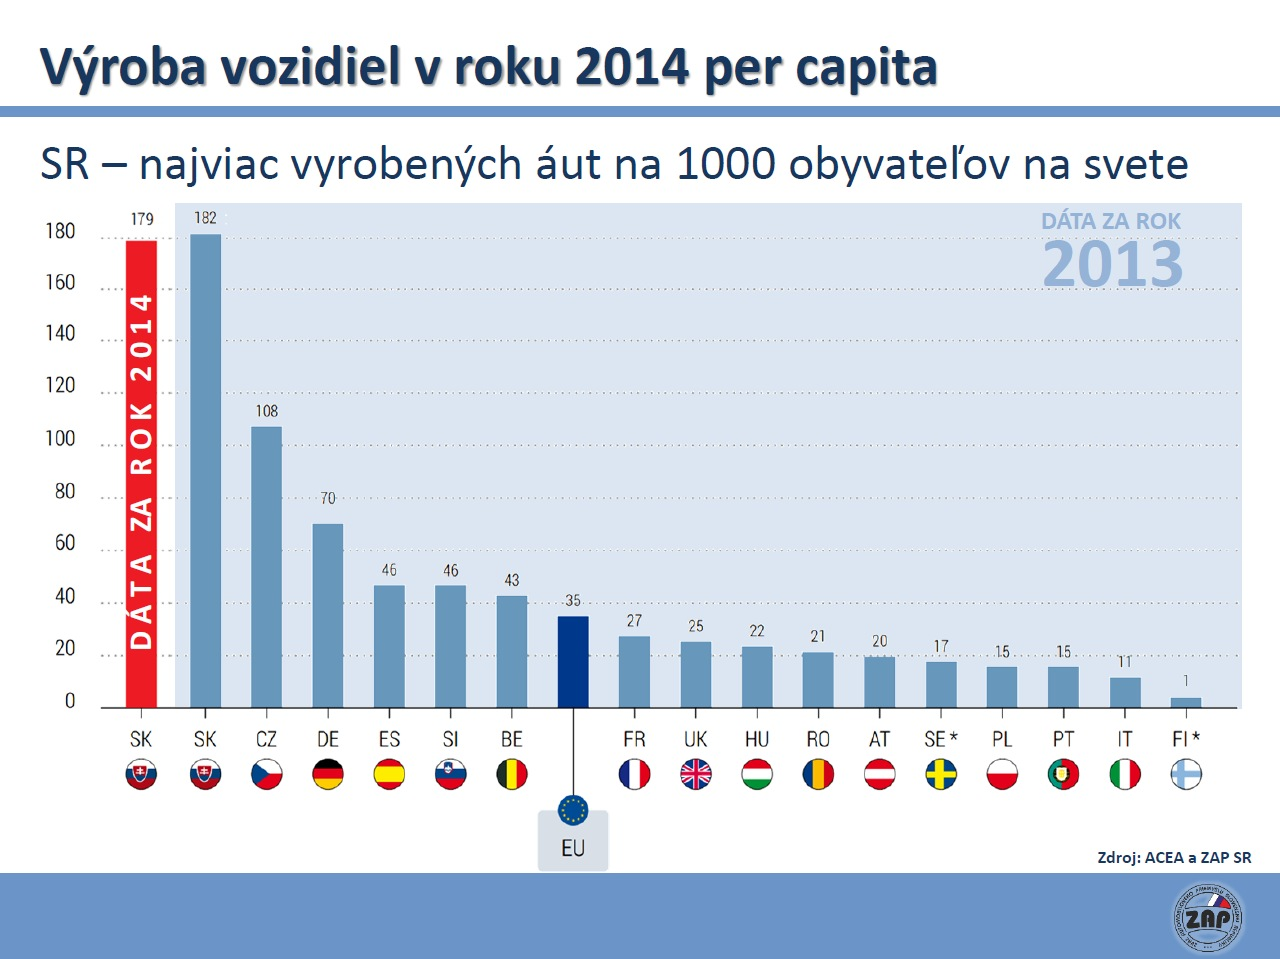 ZAP SR pocet vyrobenych aut vo svete na 1000 obyvatelov